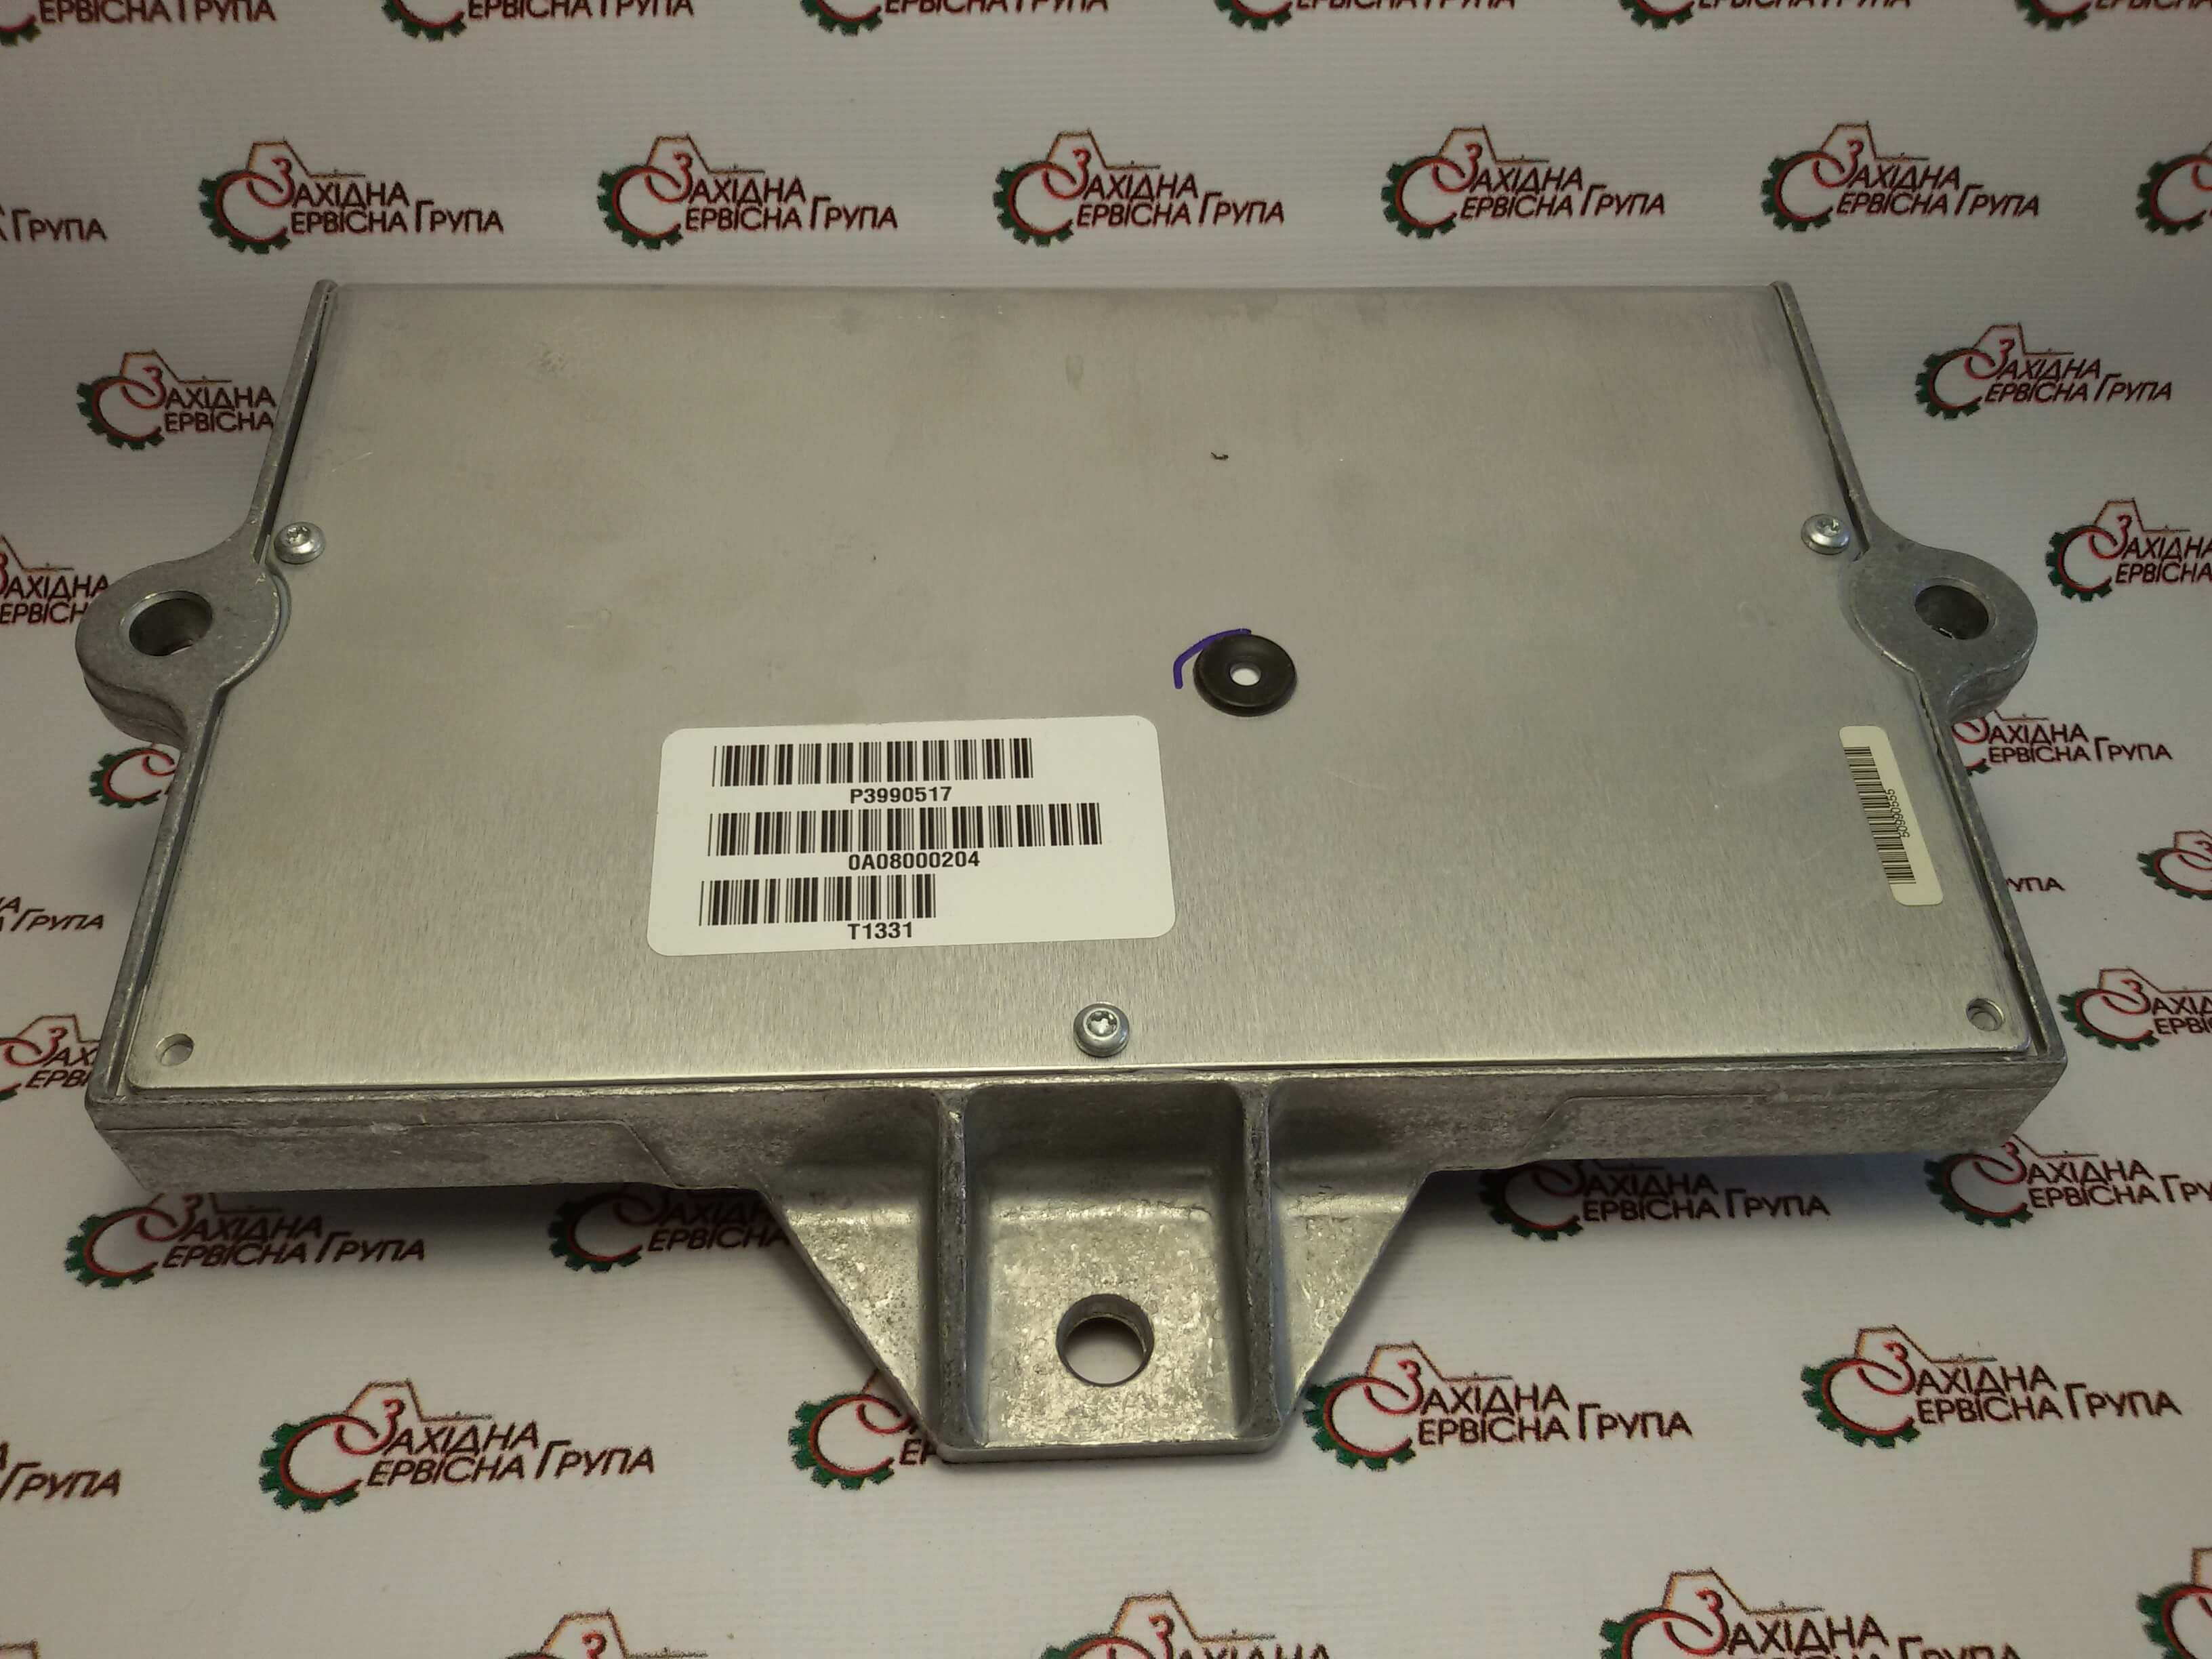 Модуль електронний управління двигуном Cummins QSB 5.9, 3990517, 3944124, 3945868.